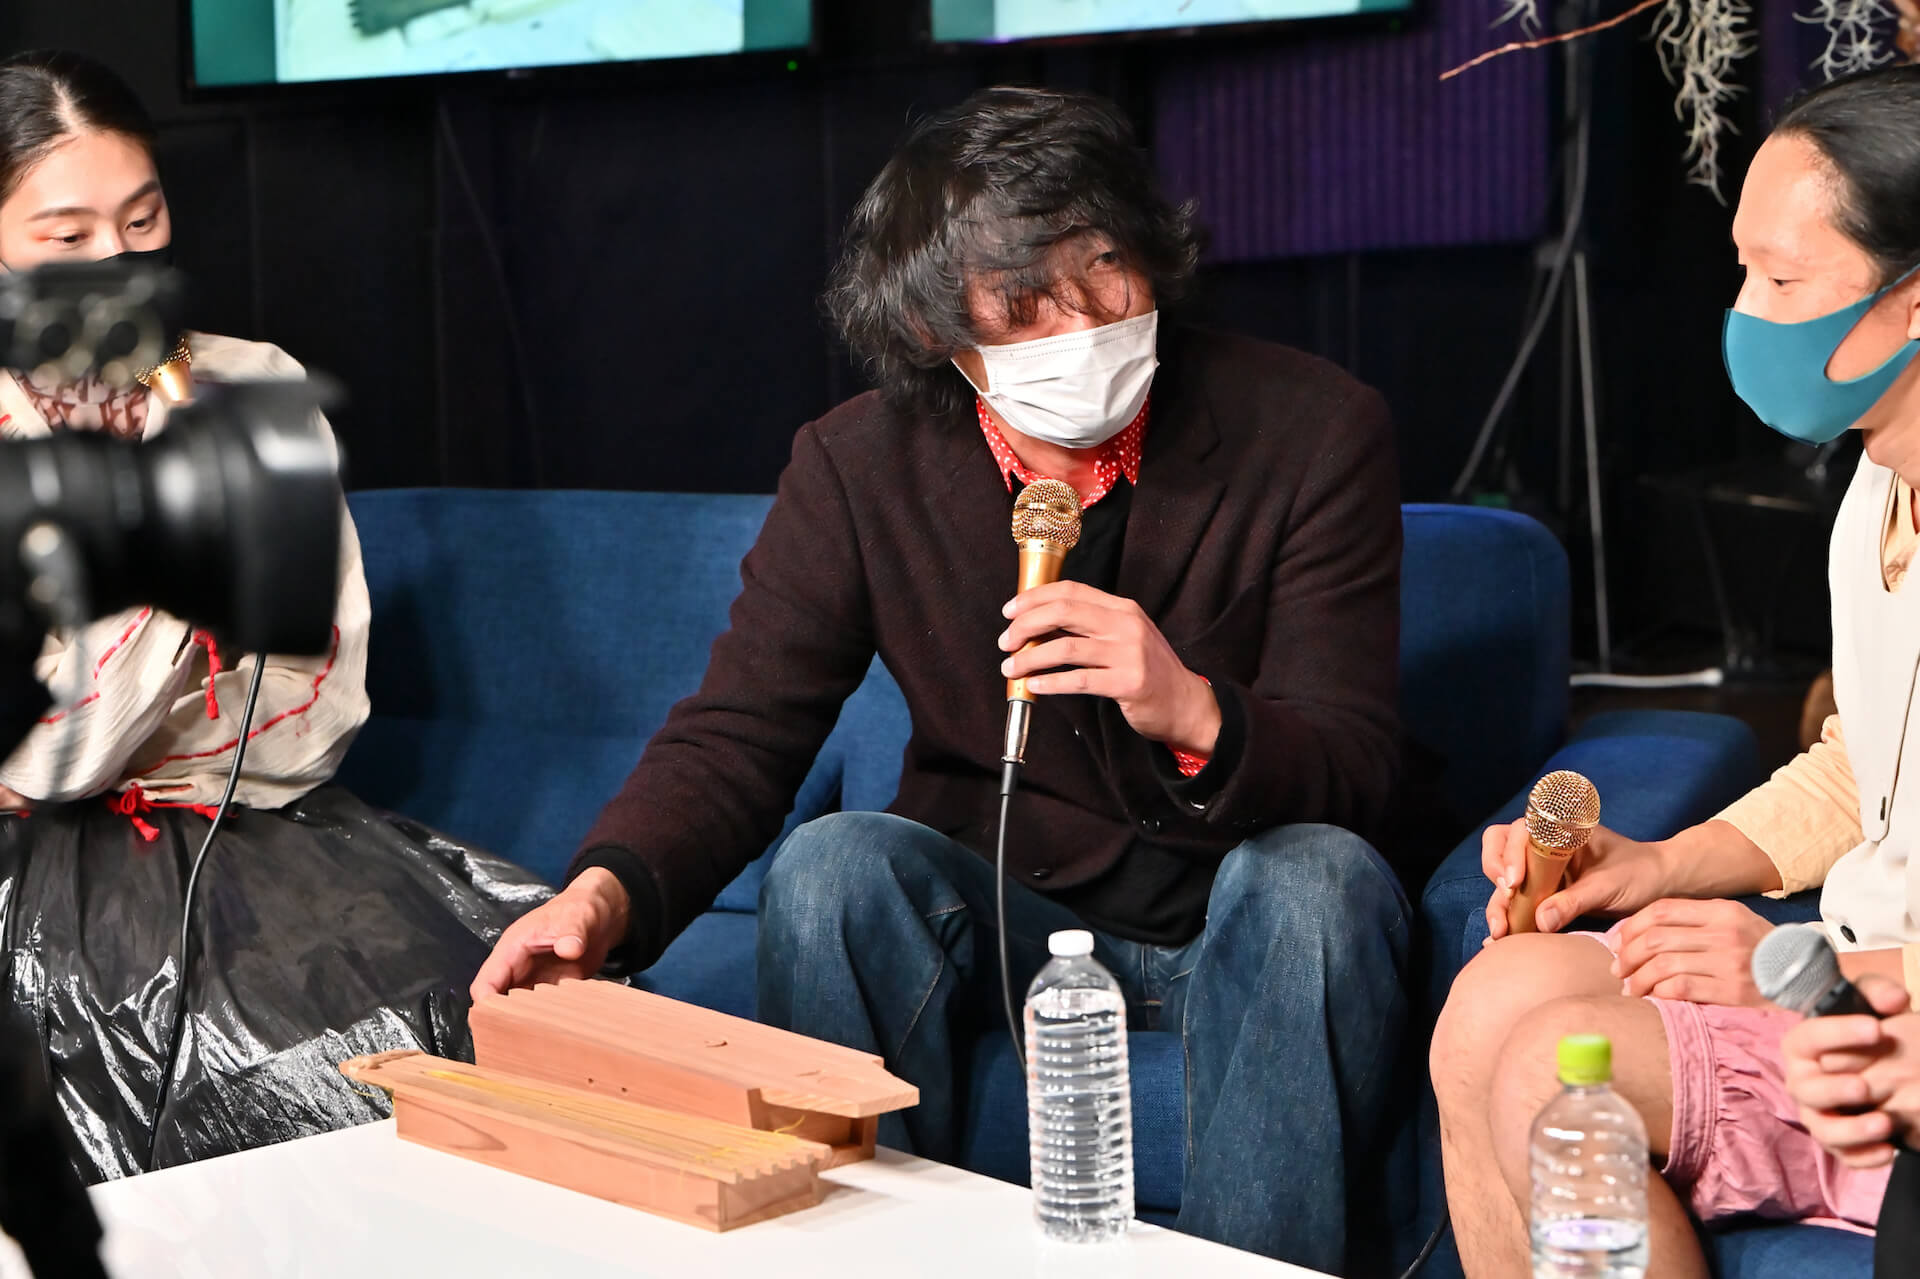 YAKUSHIMA TREASUREの死生観とポストコロナの表現|屋久島の原生林でのライヴ作品『ANOTHER LIVE』に迫る music210219_yakushimatreasure_13